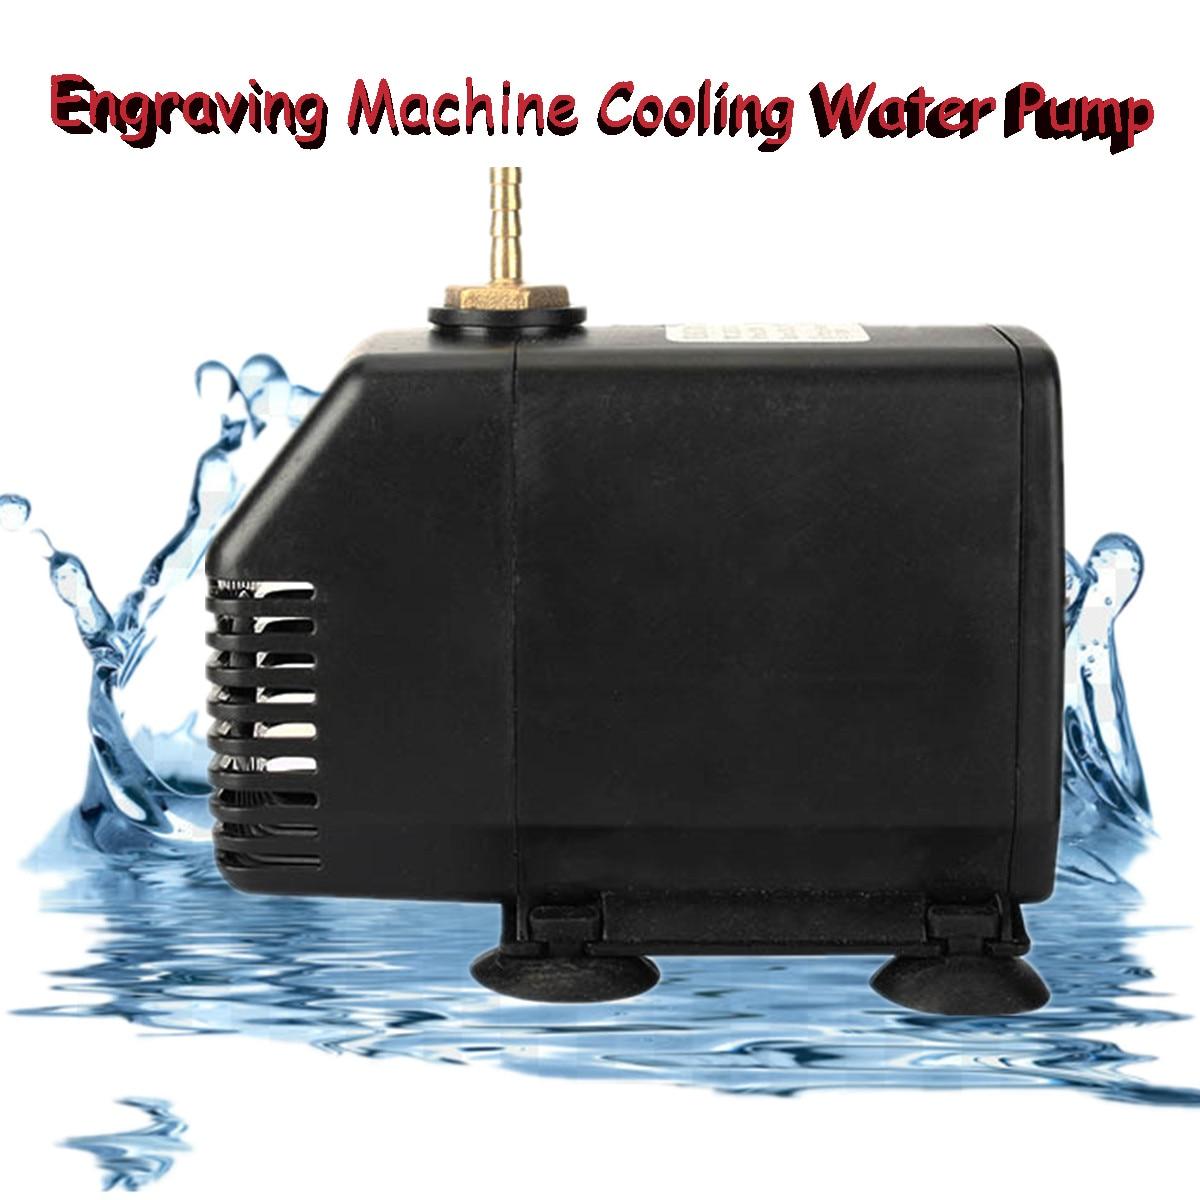 Sanitär Neue 3,5 Mt 75 Watt 3500l/h Gravur Maschine Kühlwasser Pumpe Für Cnc Spindel Motor Haushalt Pumpen In Vielen Stilen